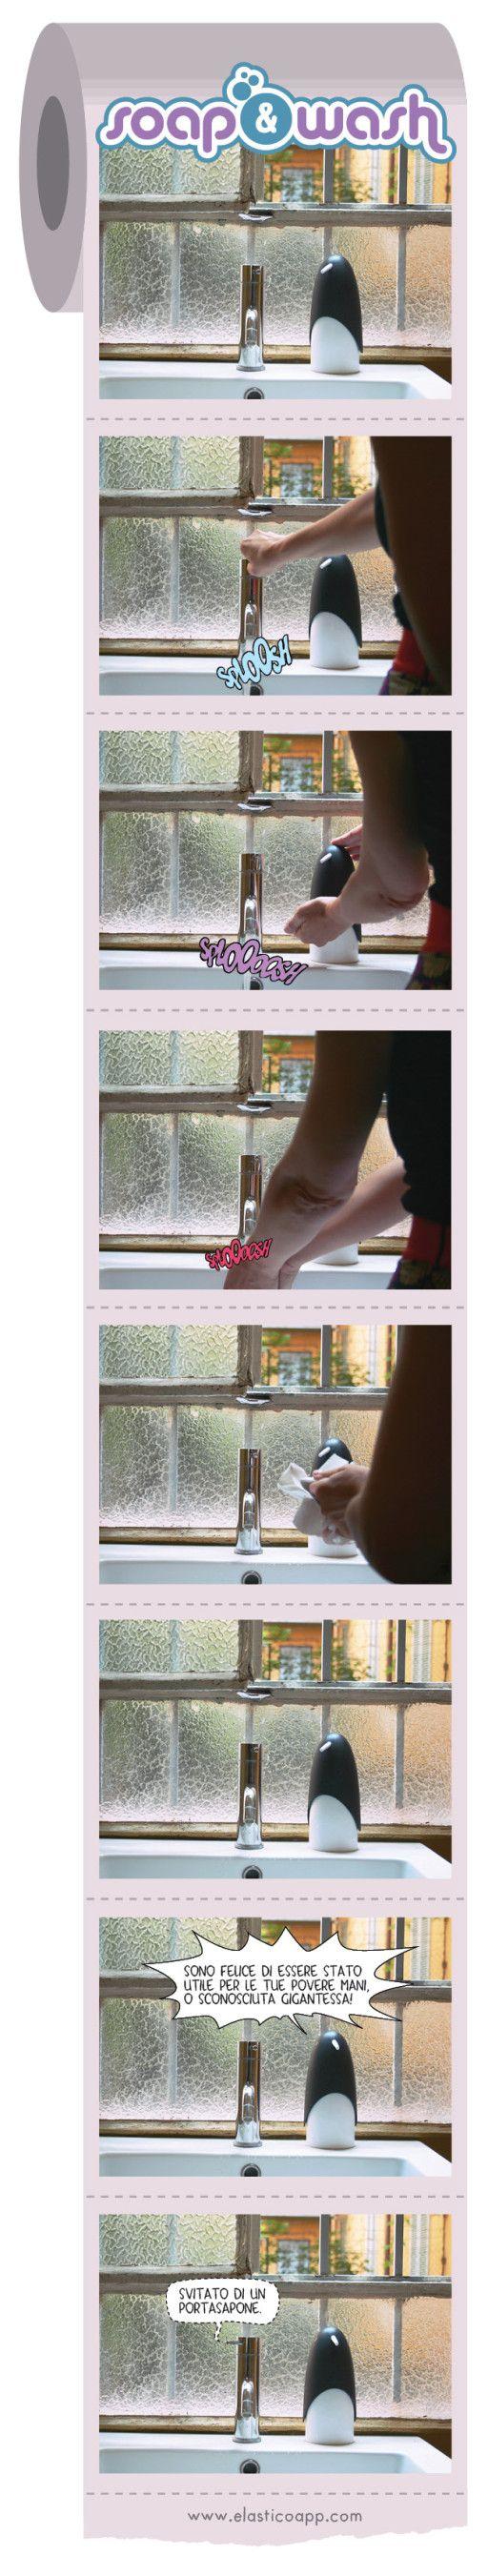 Se pensate che ogni convivenza abbia le sue difficoltà, provate a mettere insieme un portasapone logorroico e un rubinetto burbero. Ogni lunedì… le avventure di Soap&Wash.  NELLE PUNTATE